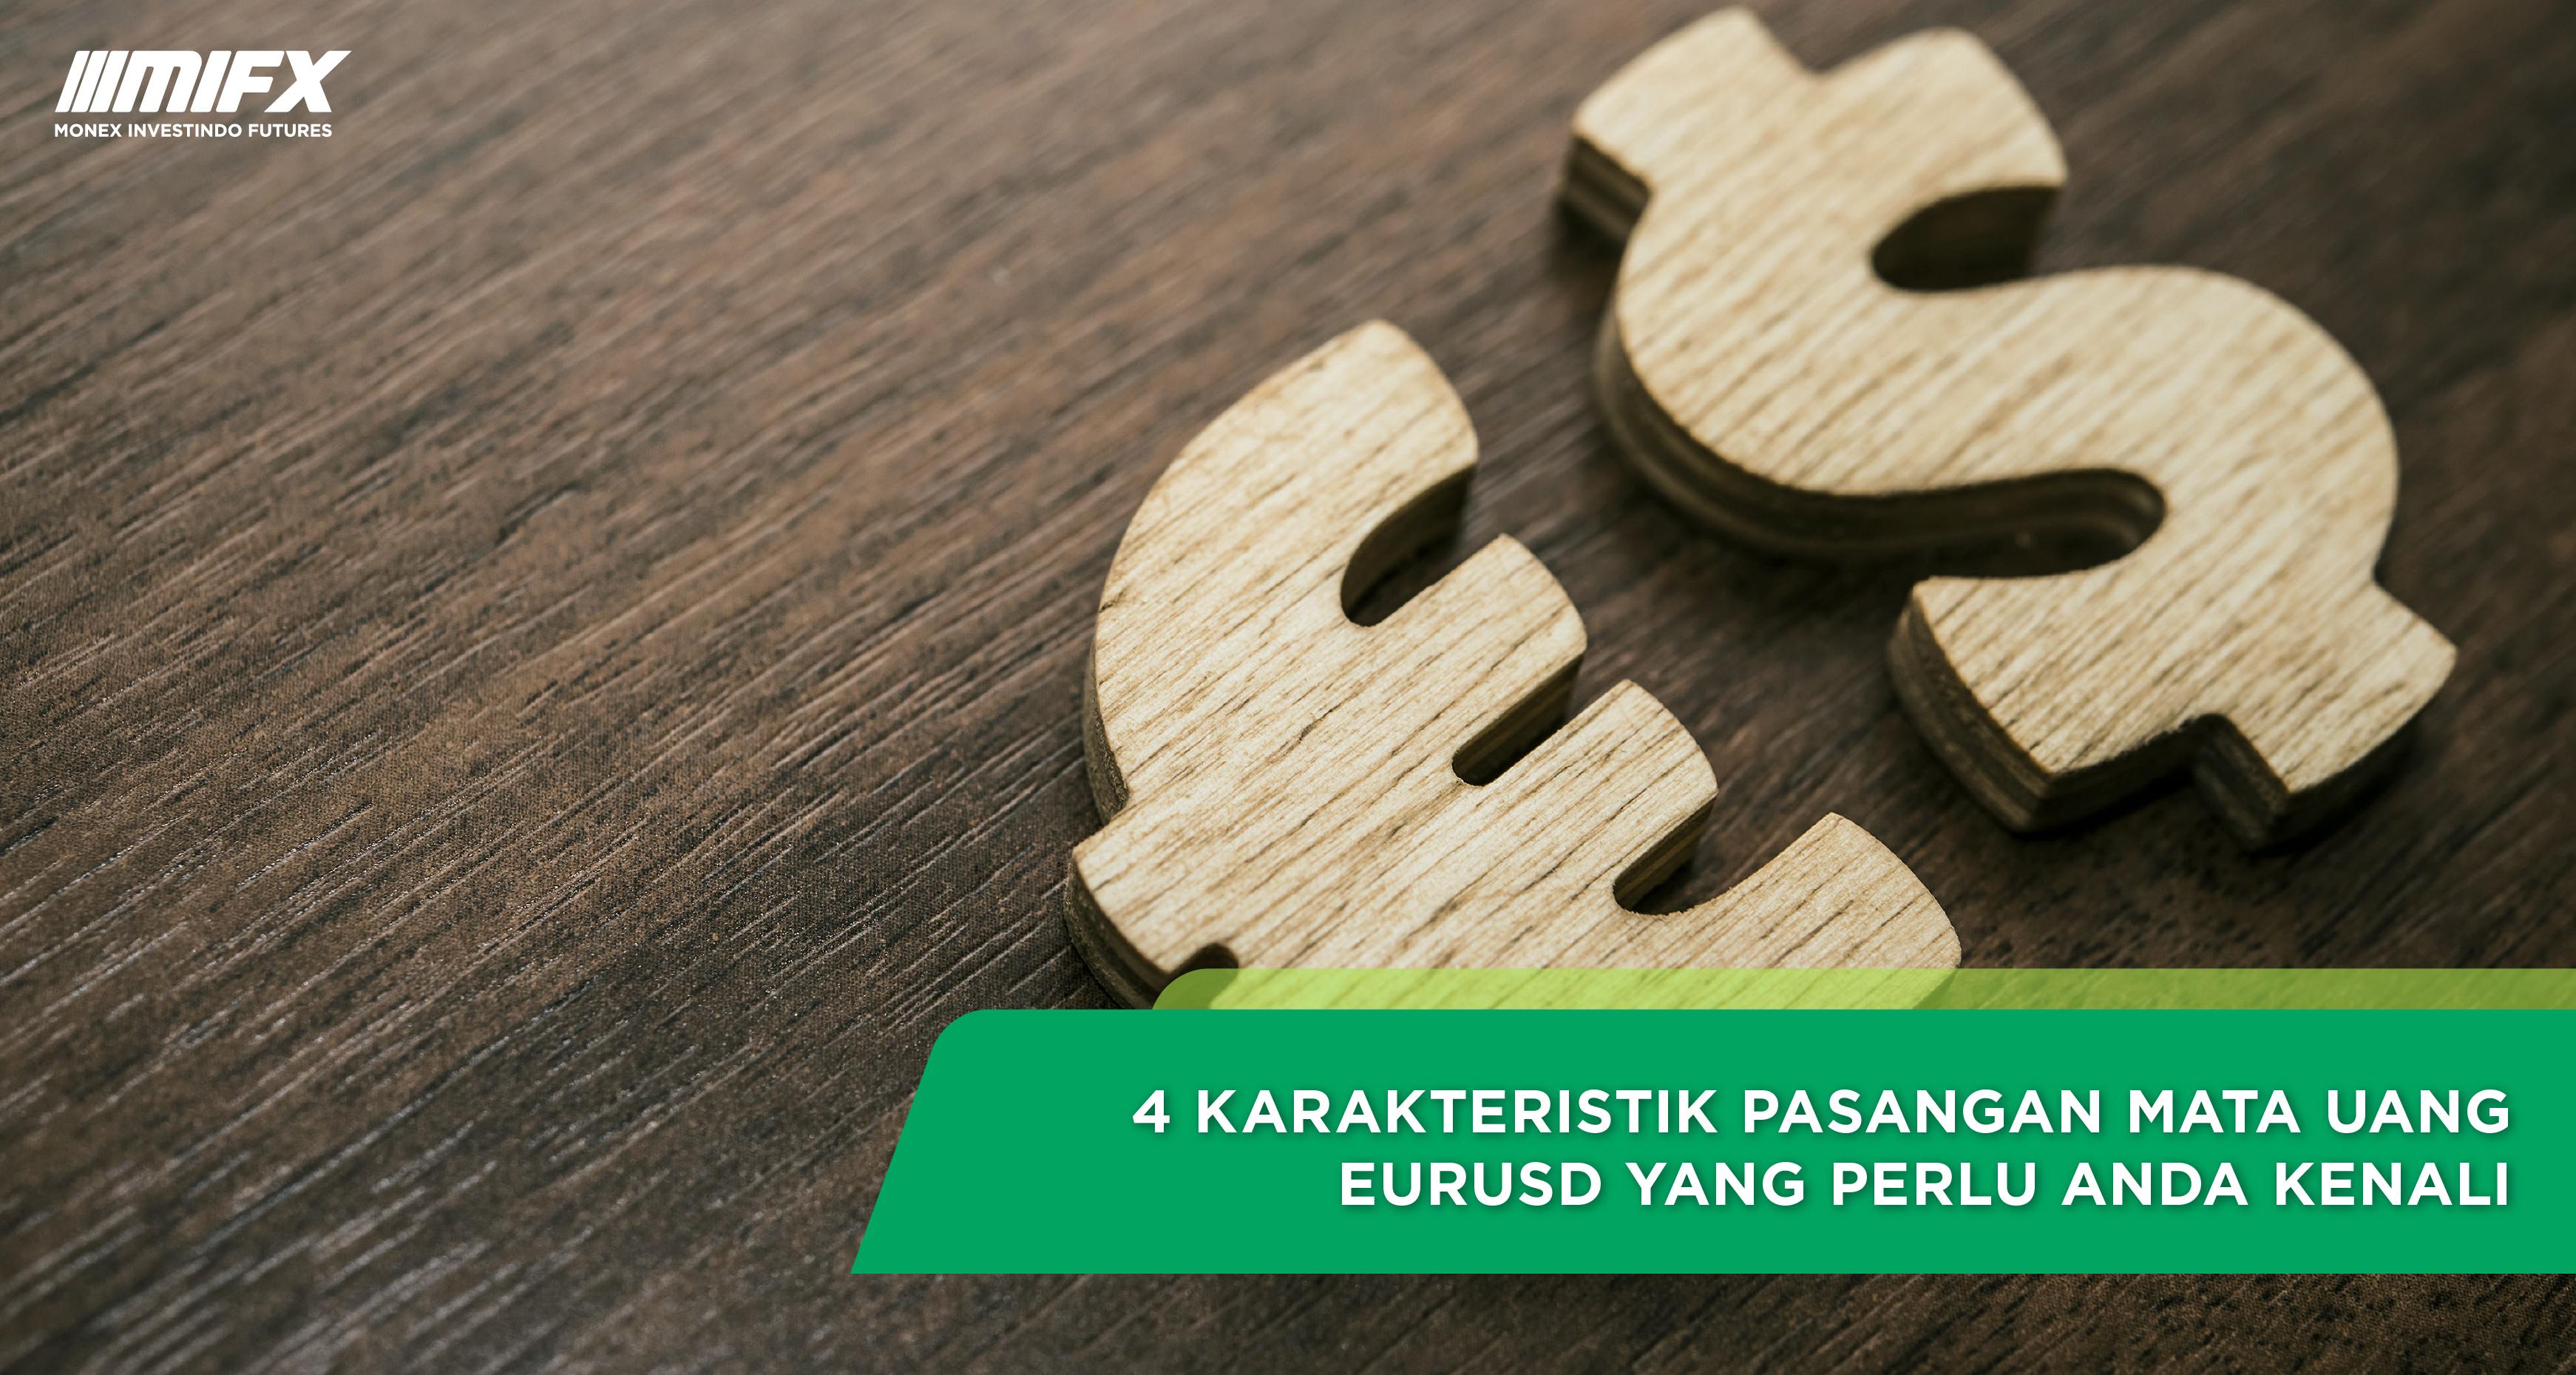 -article-06-karakteristik-eurusd1600745502.jpg